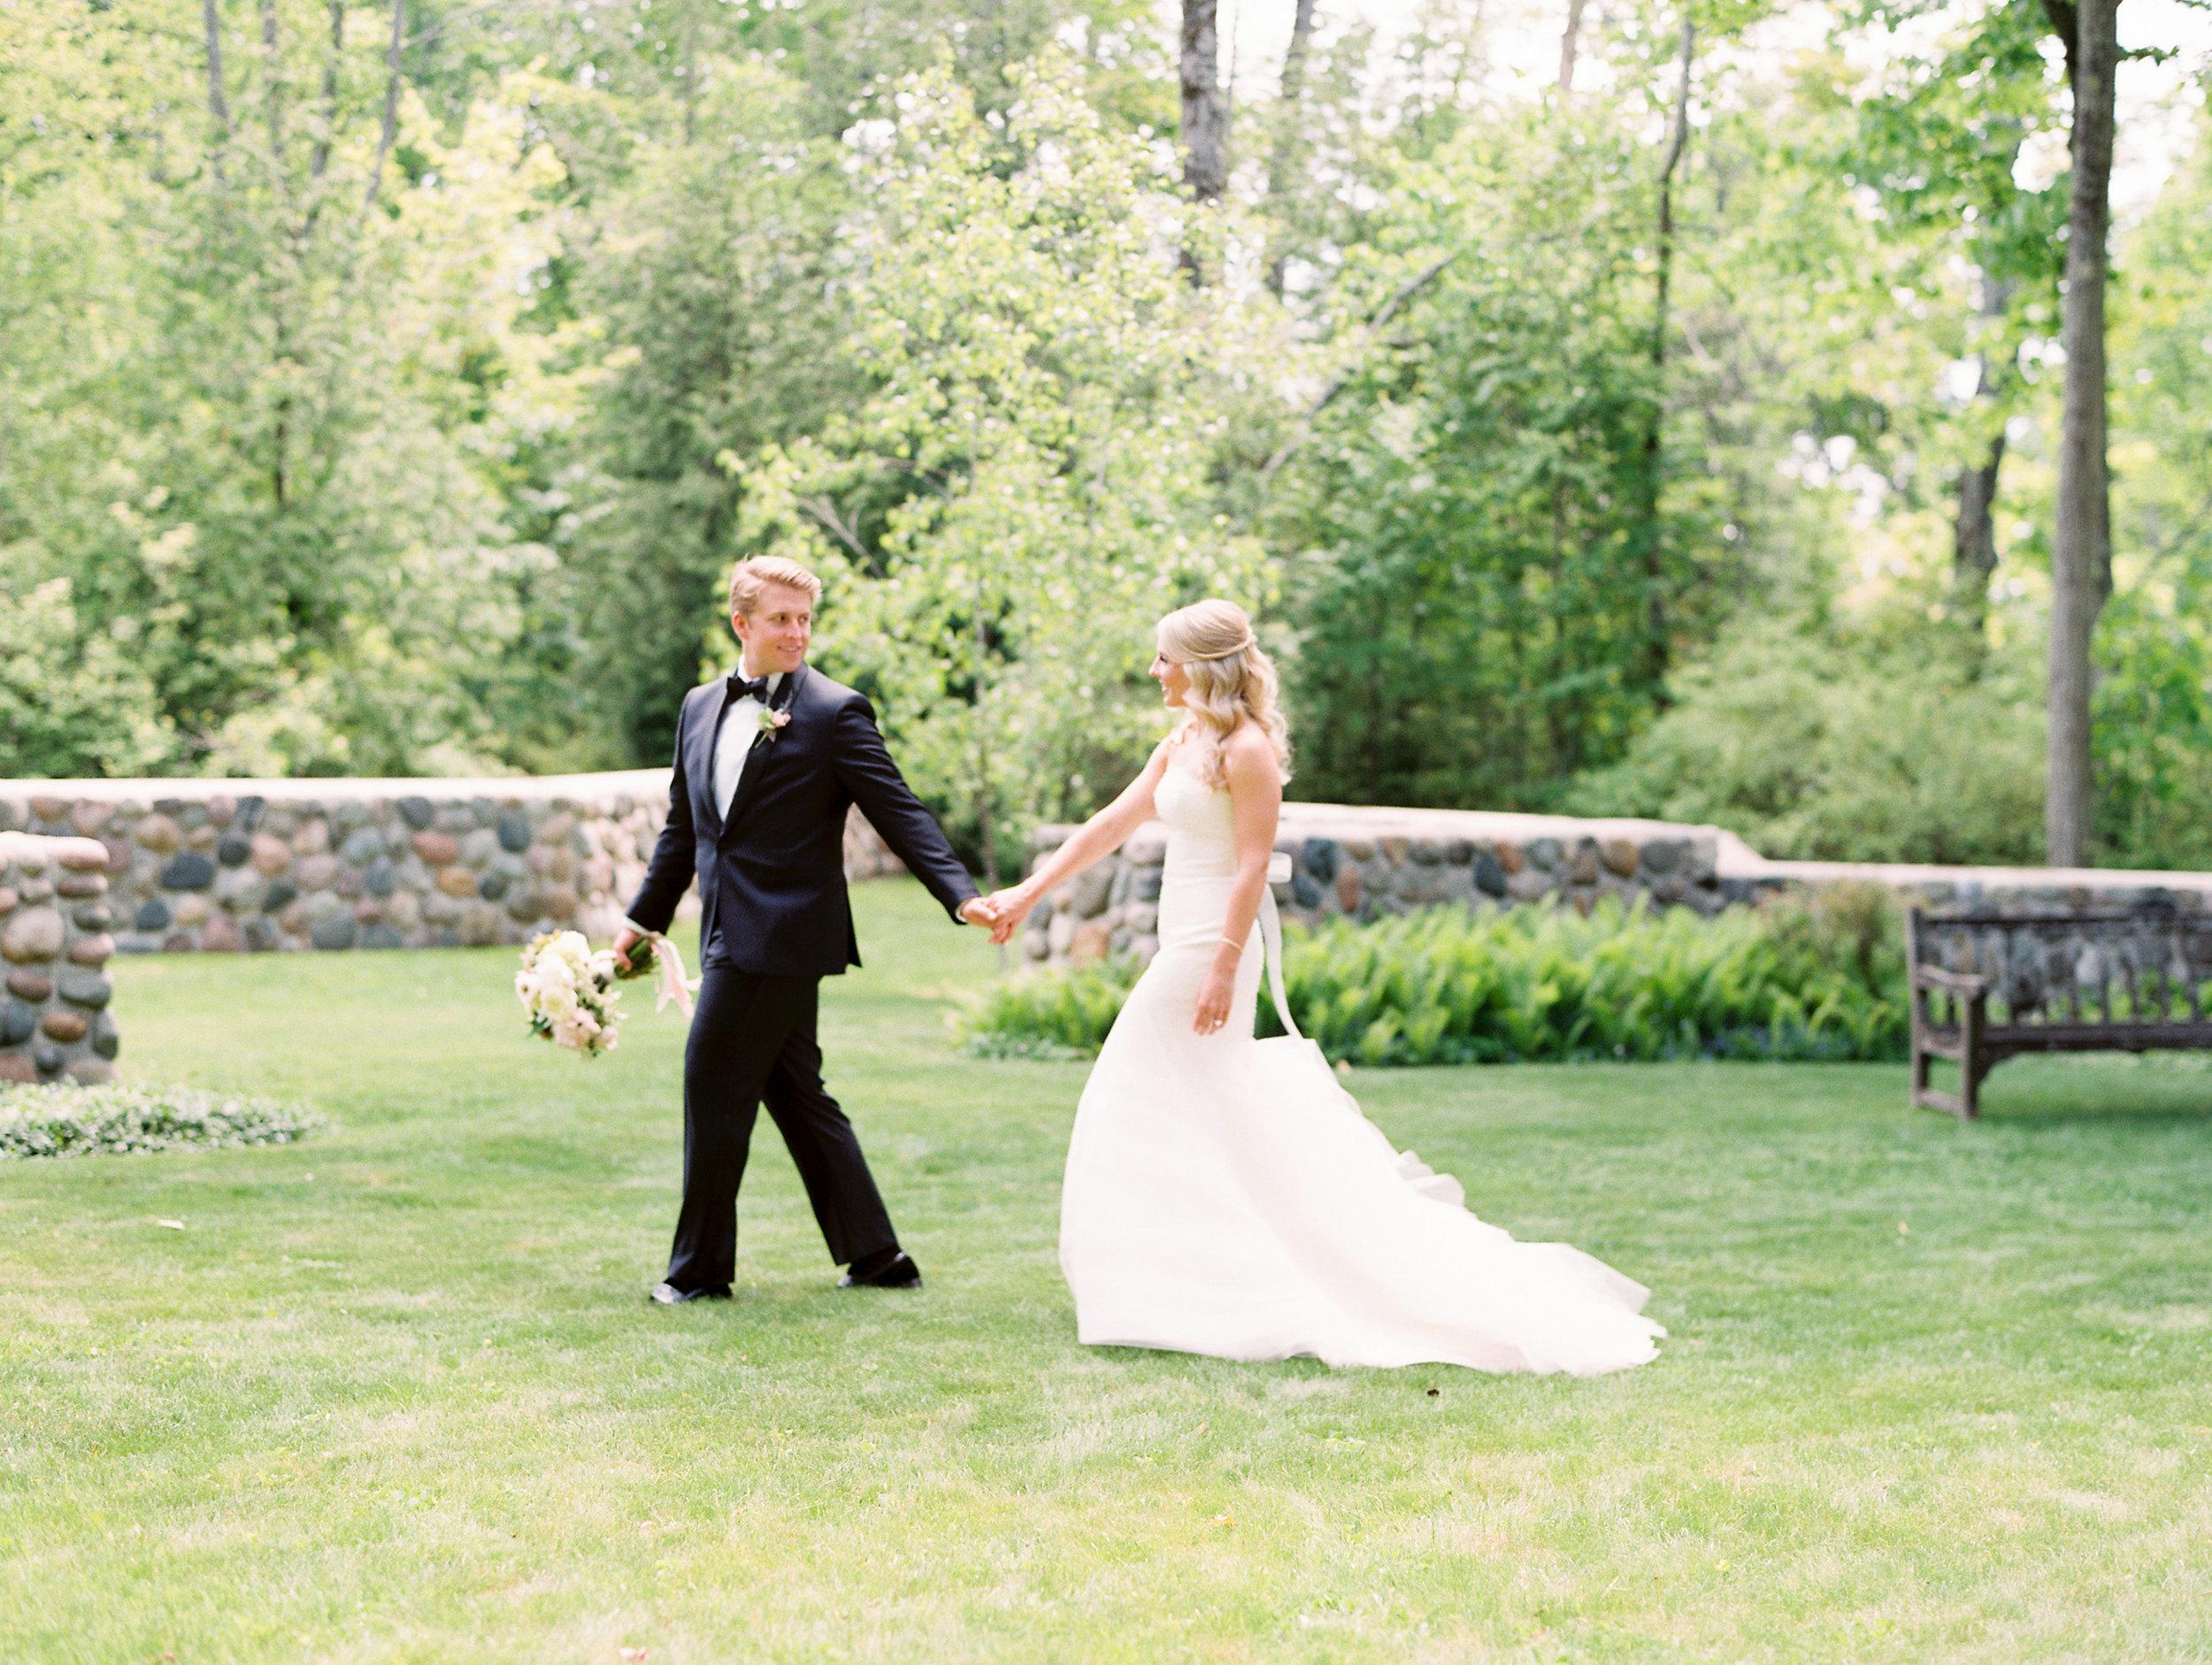 Coffman+Wedding+BrideGrooma-16.jpg